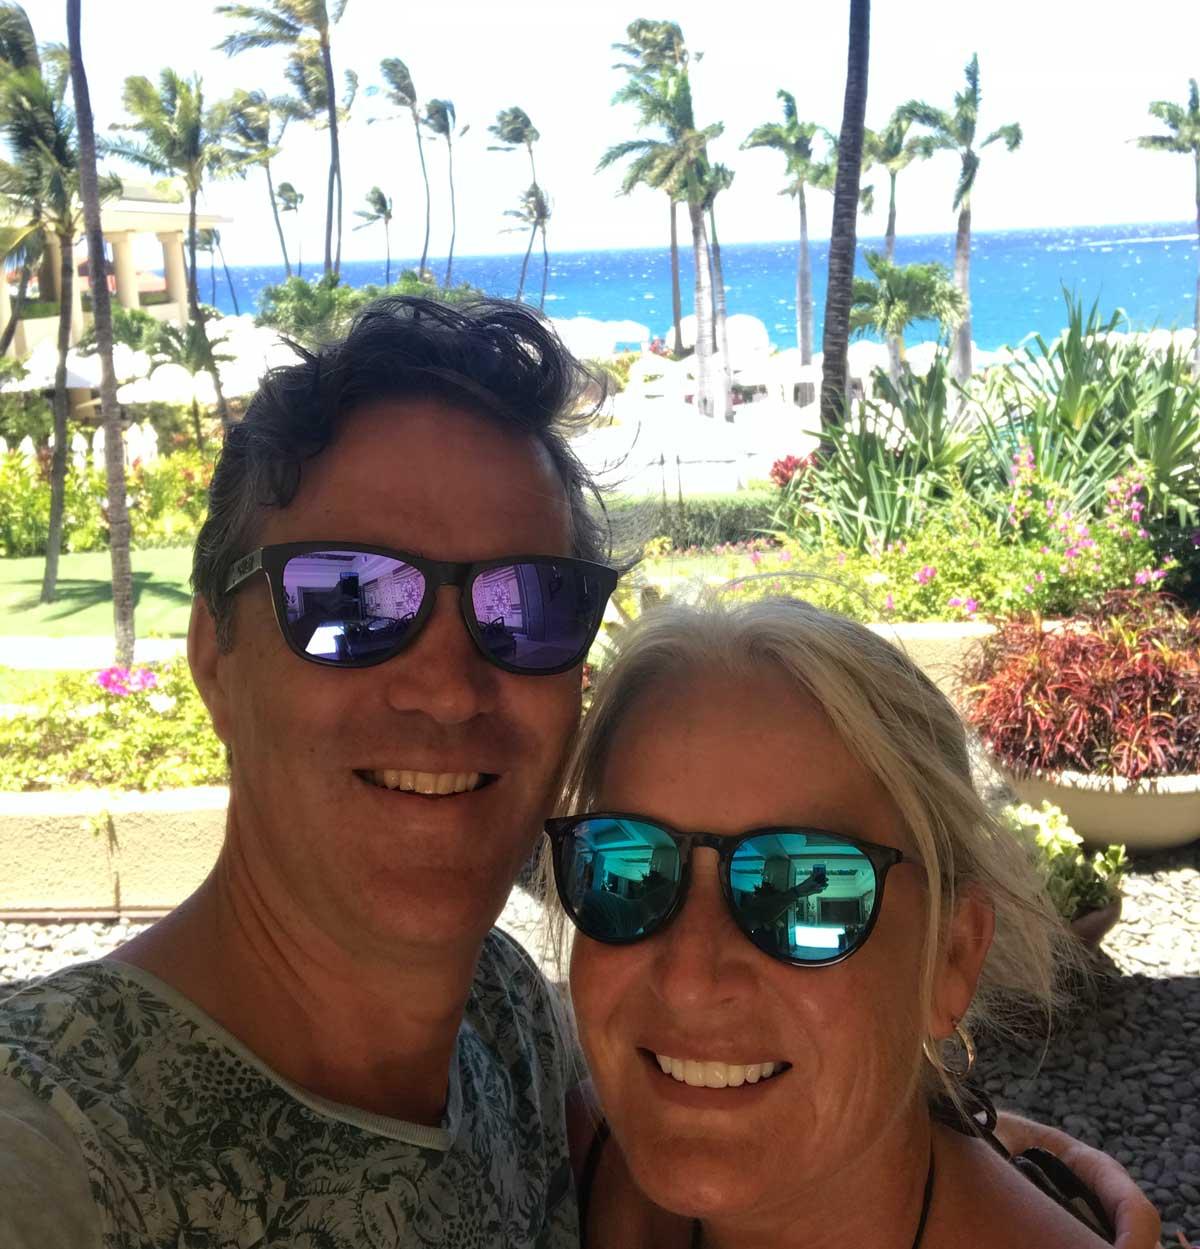 Rondje-om-de-wereld-Maui-10